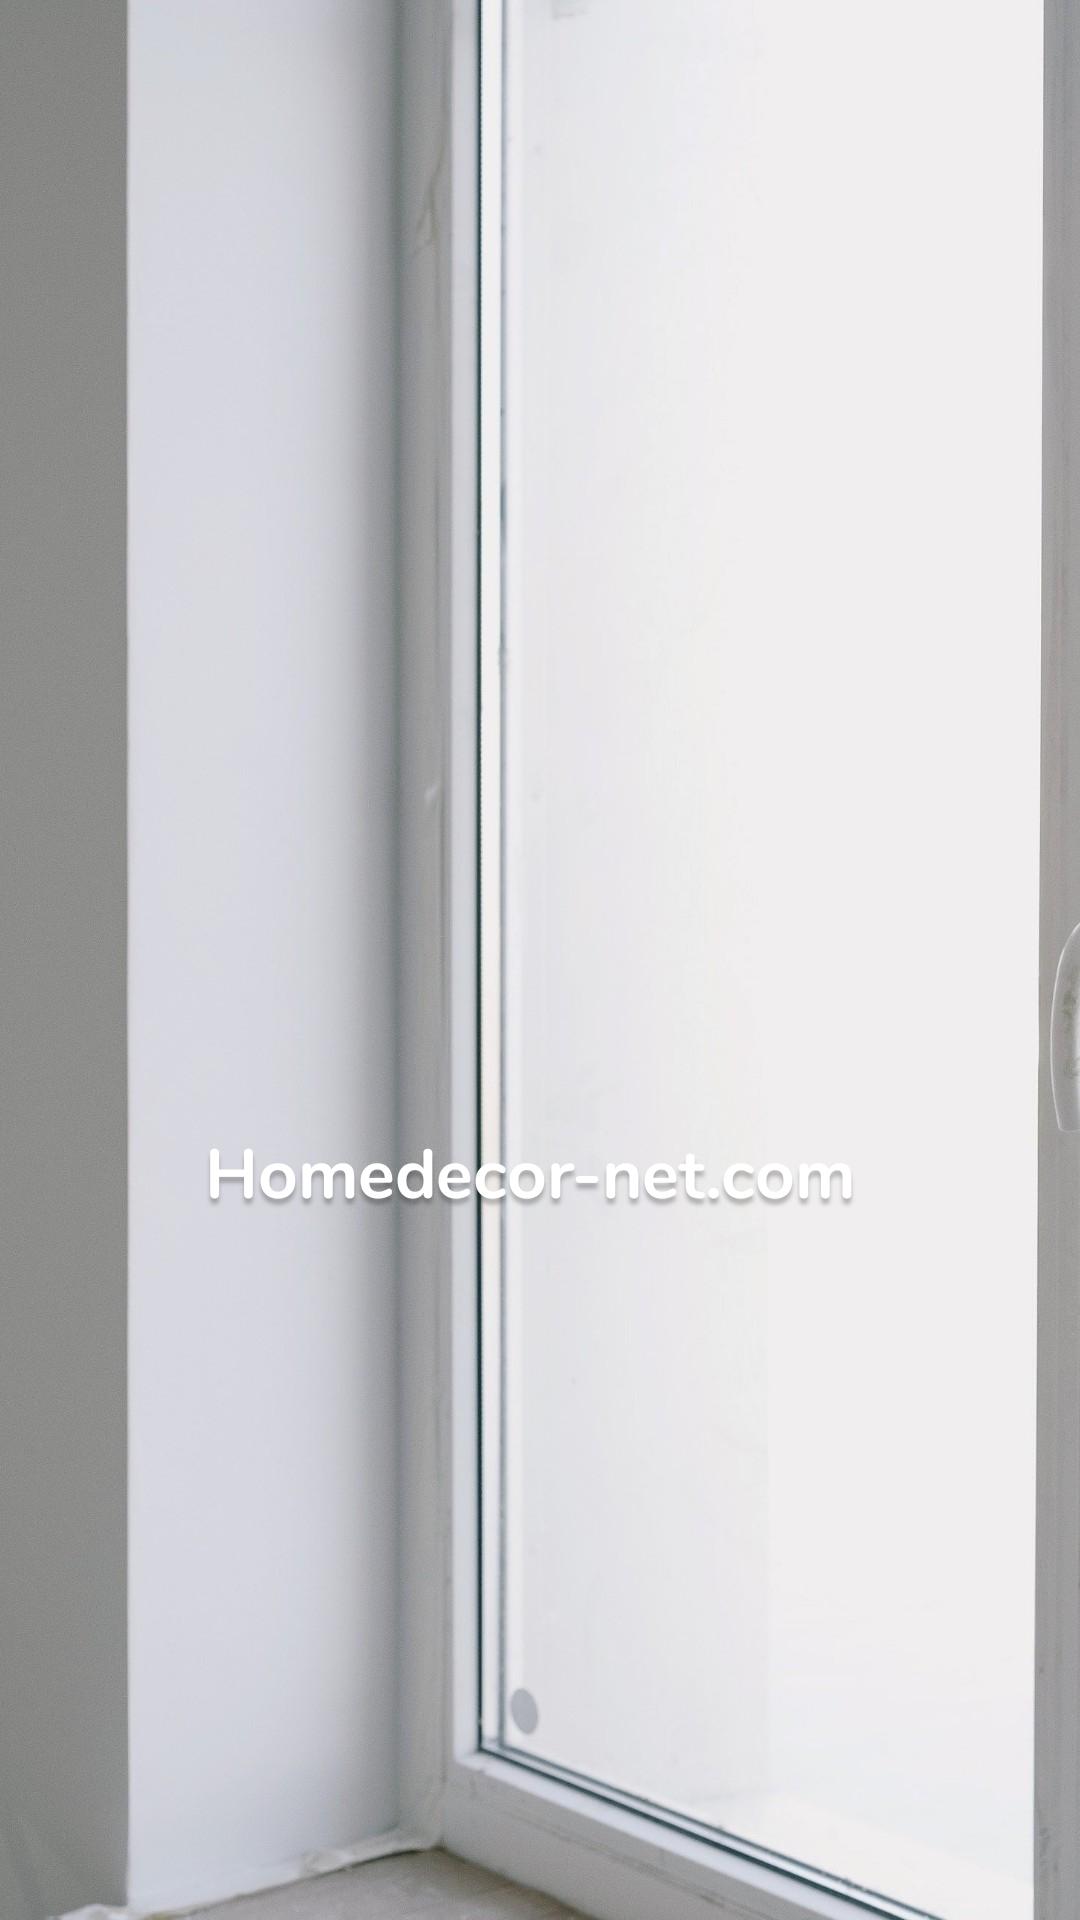 Homedecor-net.com